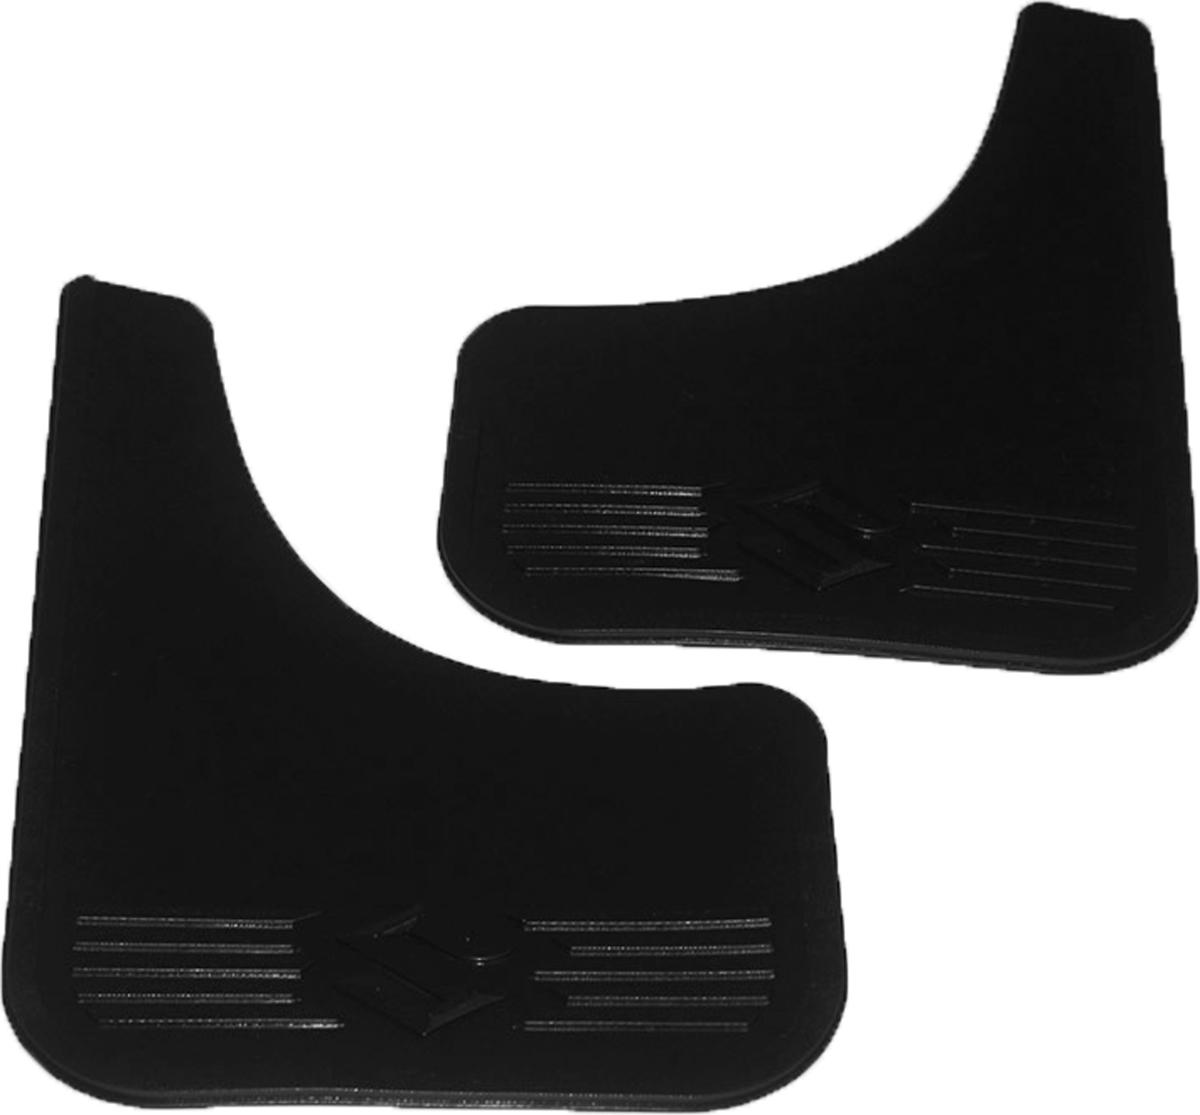 Комплект брызговиков универсальных L.Locker, для Suzuki, малые, 2 шт7012002251Брызговики изготовлены из высококачественного полимера, уникальный состав брызговиков допускает их эксплуатацию в широком диапазоне температур: - 50°С до + 80°С. Эффективно защищают кузов автомобиля от грязи и воды – формируют аэродинамический поток воздуха, создаваемый при движении вокруг кузова таким образом, чтобы максимально уменьшить образование грязевой измороси, оседающей на автомобиле.Разработаны индивидуально для каждой модели автомобиля, с эстетической точки зрения брызговики являются завершением колесной арки.